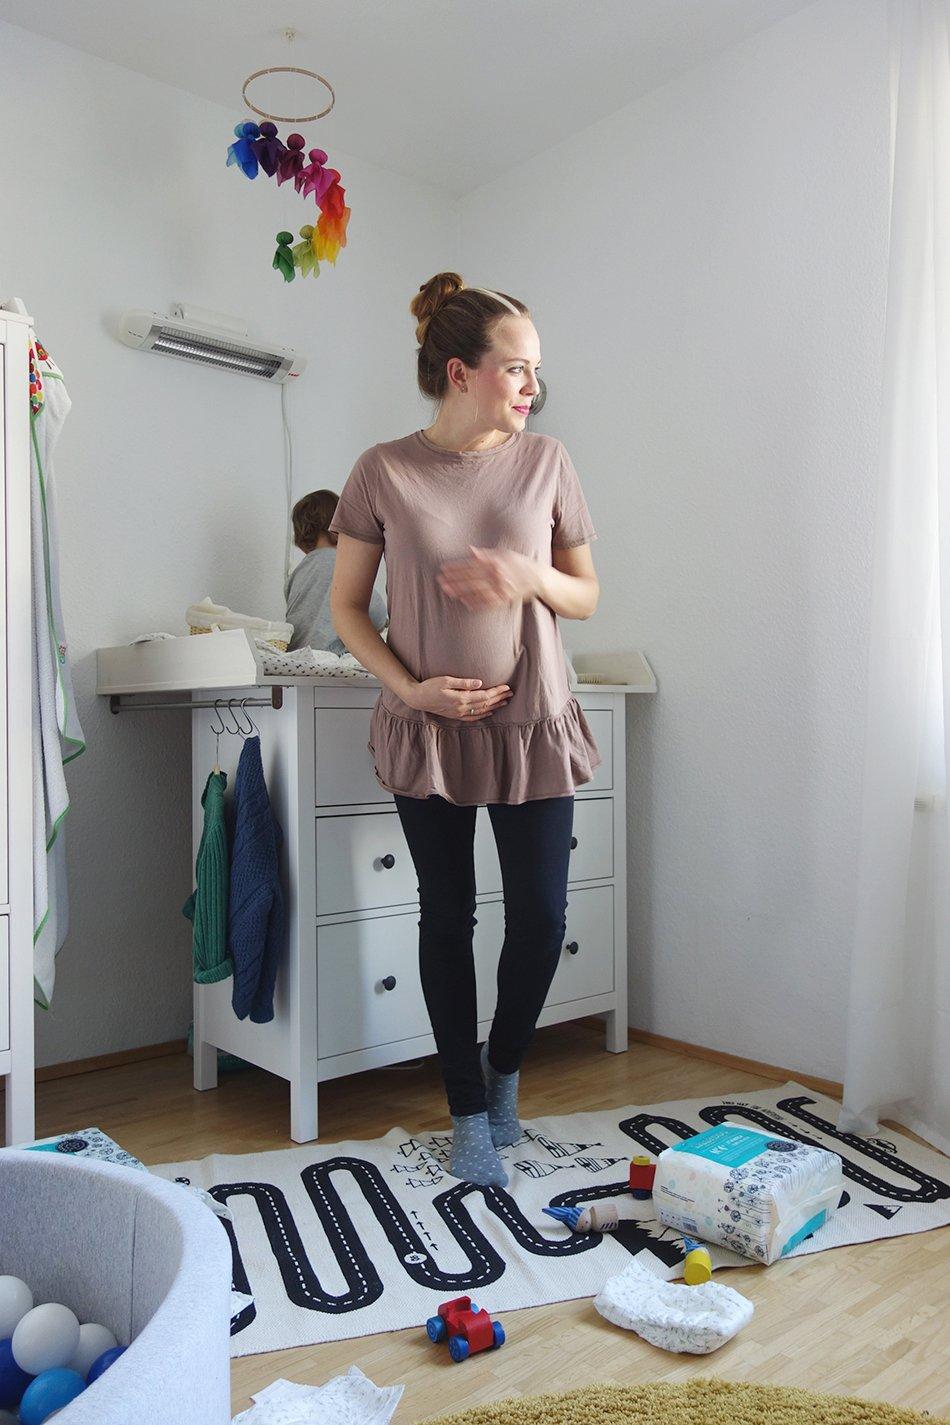 frauke, ekulele, schwangerschaft, mamablog, familienleben, style the bump, alltag mit kind, zweifach mama